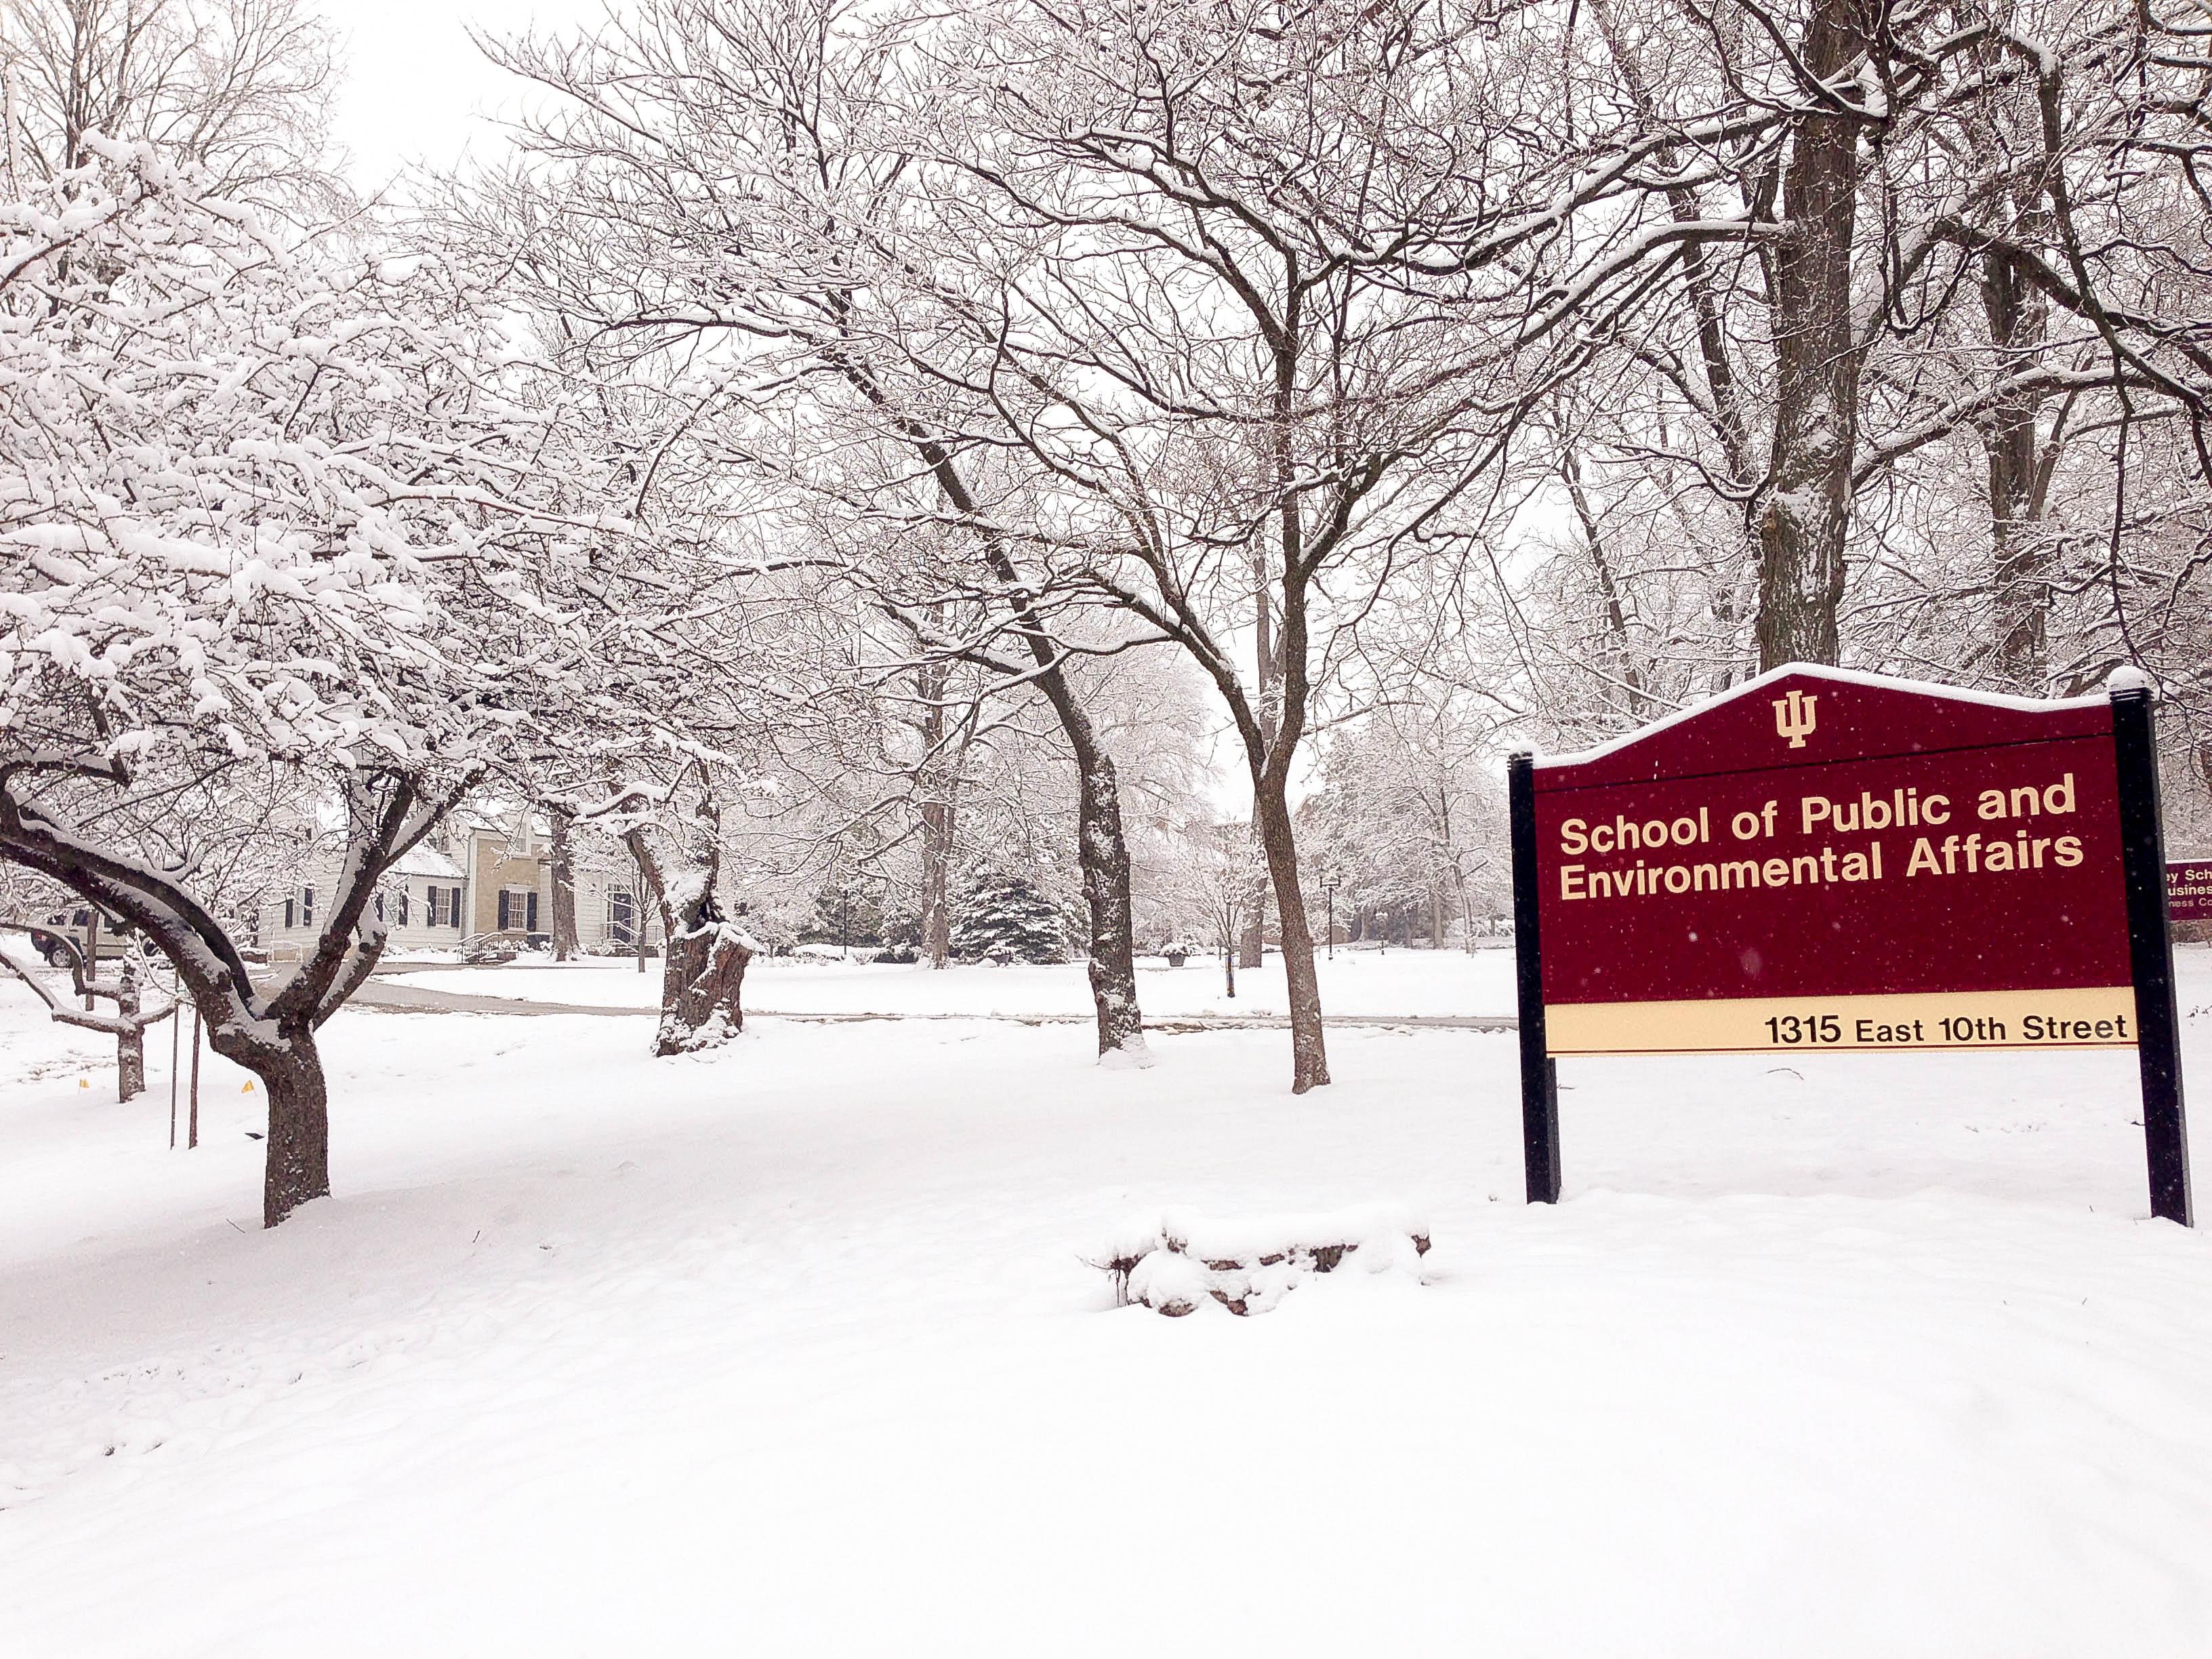 Khoa Chính sách công và Môi trường của trường Indiana Bloomington, ngành được xếp thứ 2 trong các trường ĐH tại Mỹ (USNews)